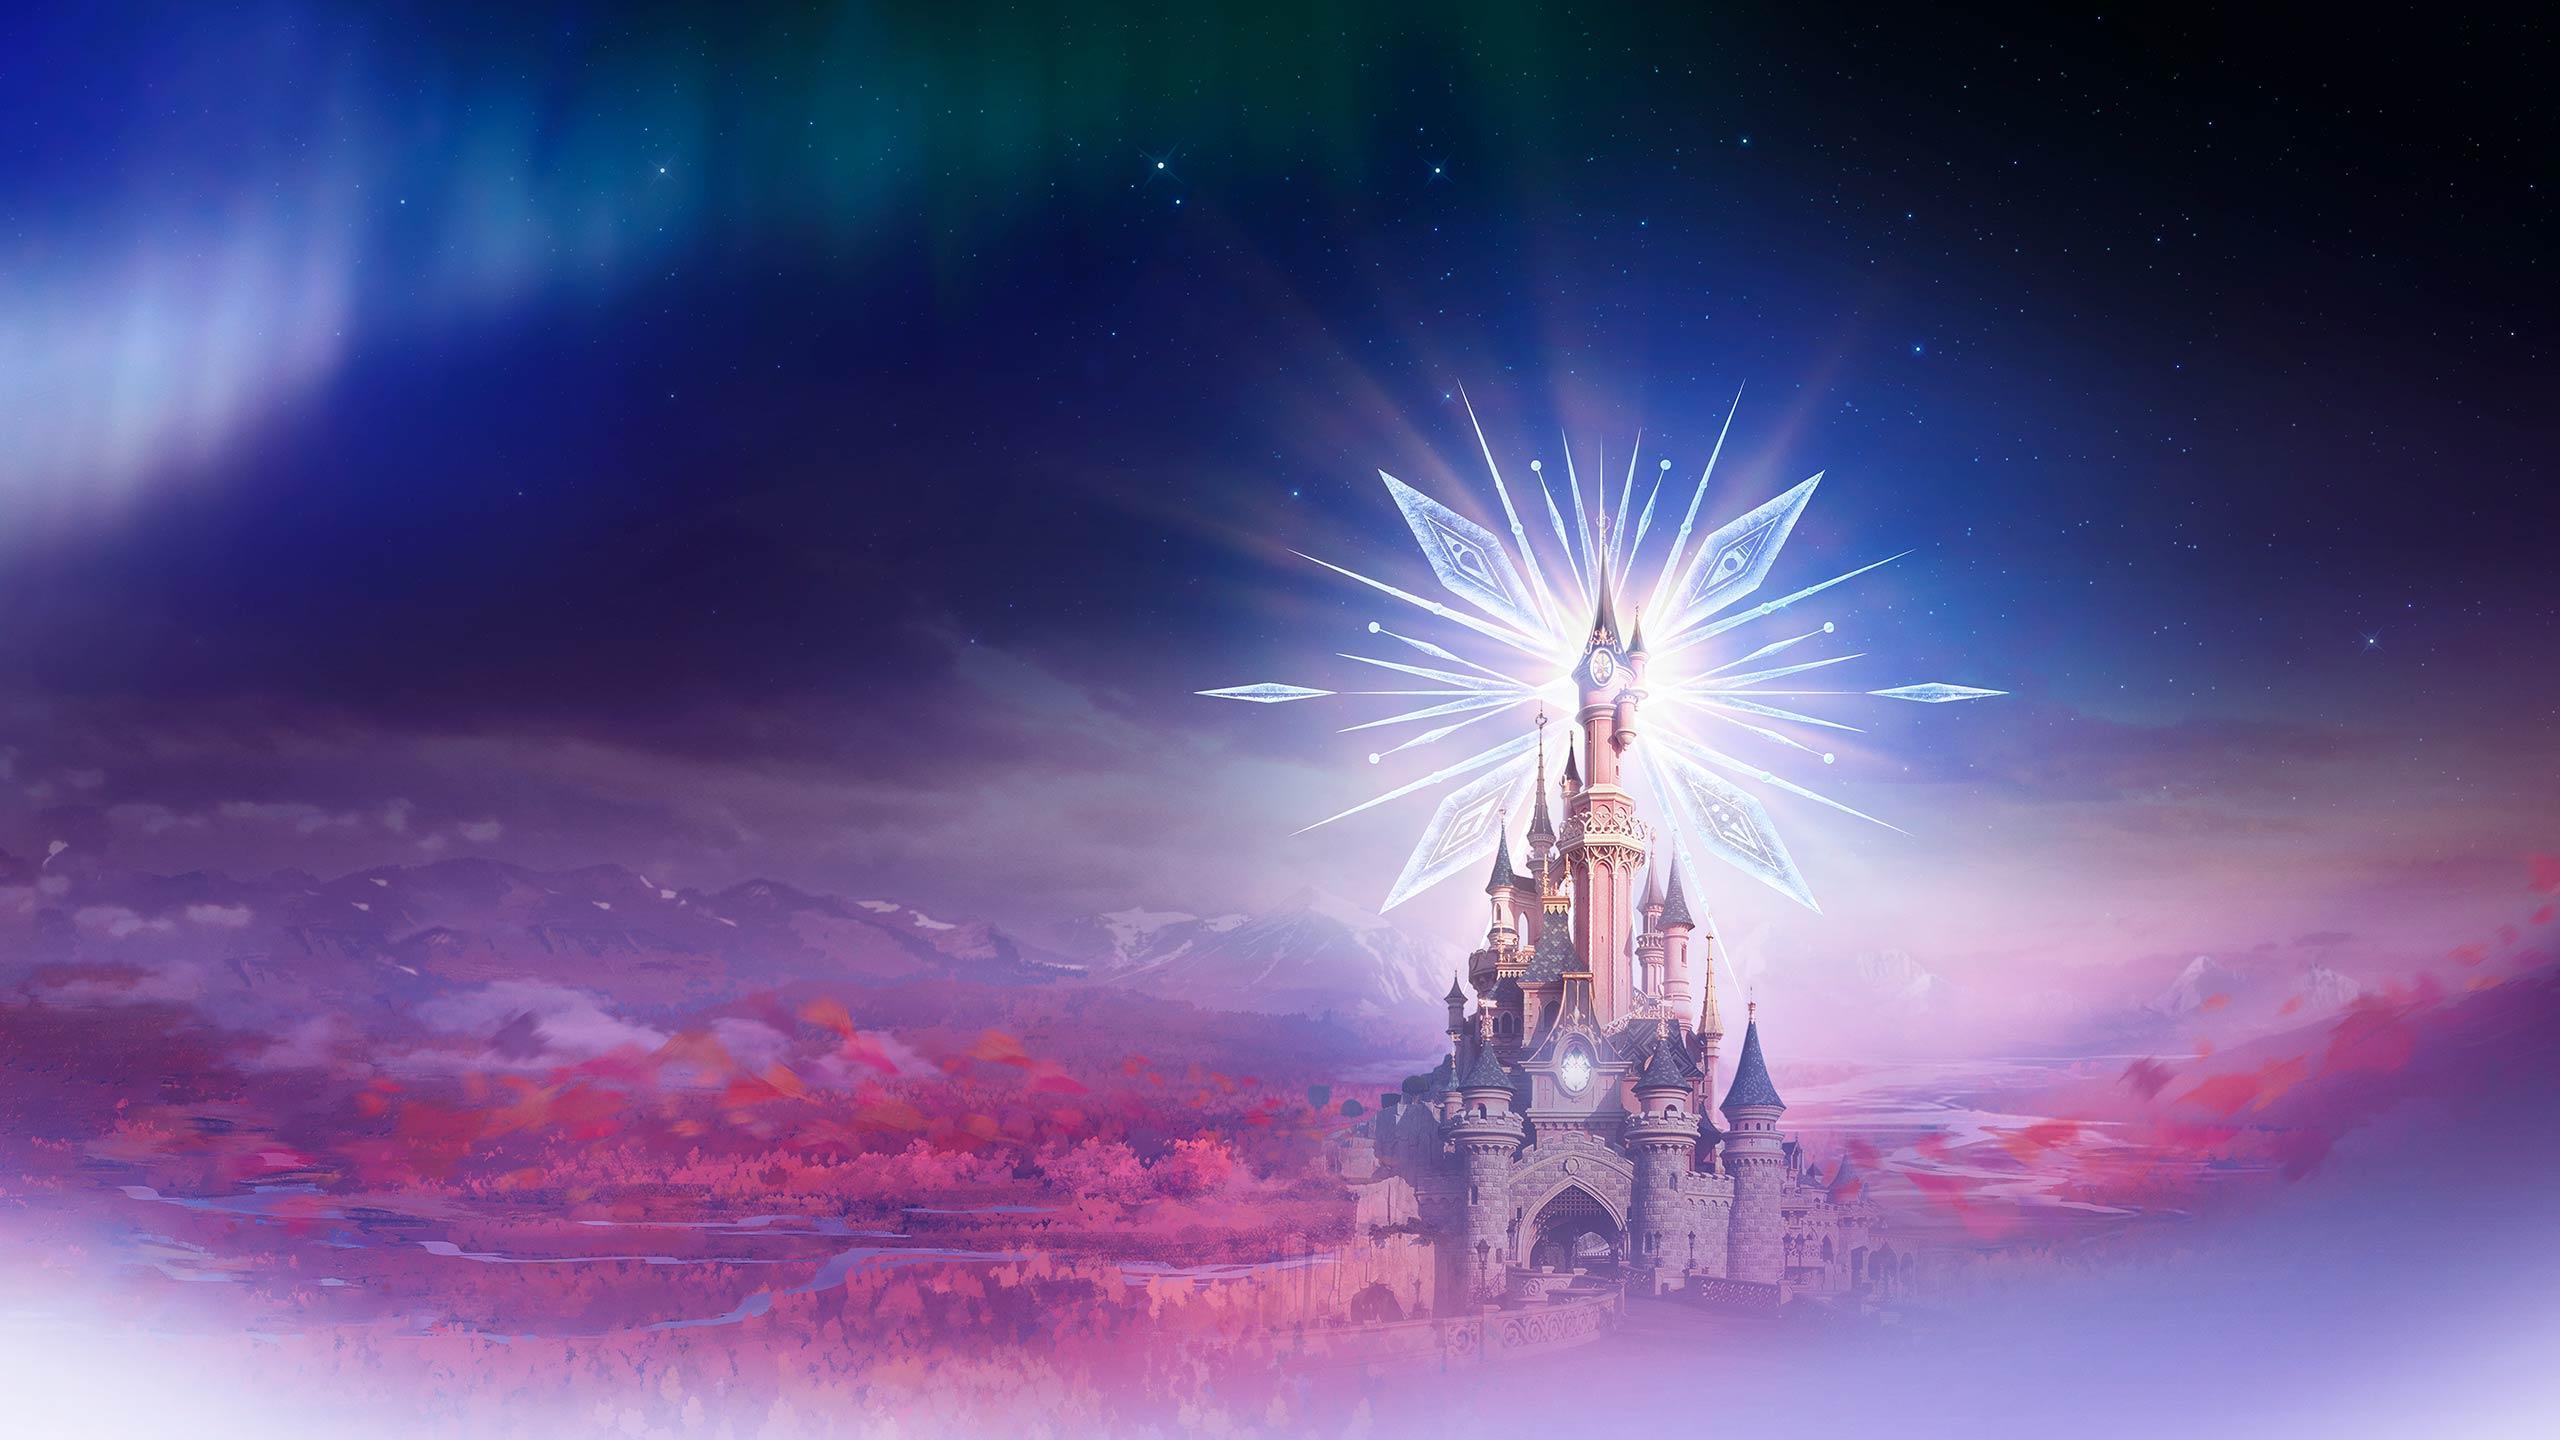 Frozen in Disneyland Paris